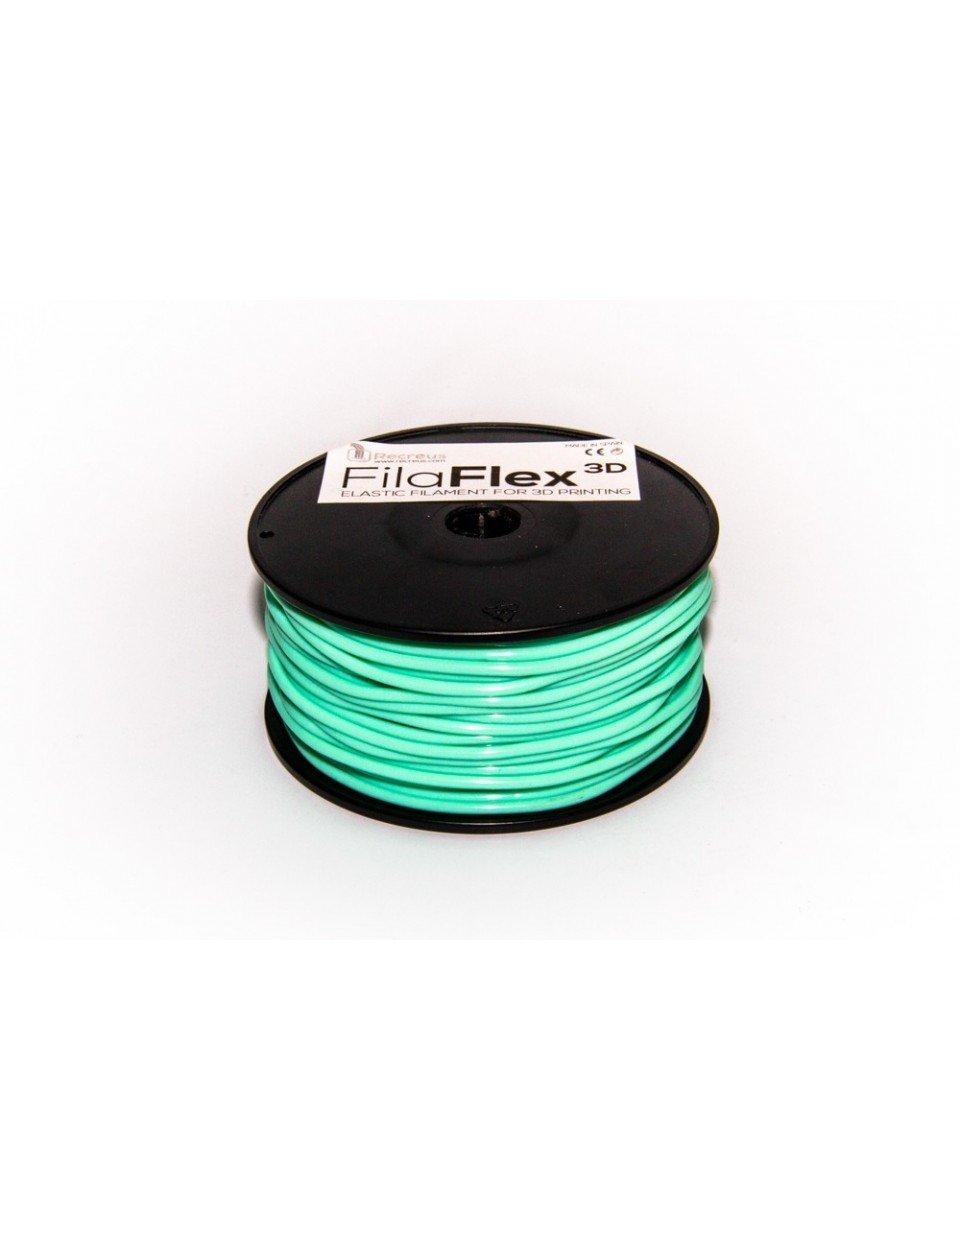 BQ filaflex